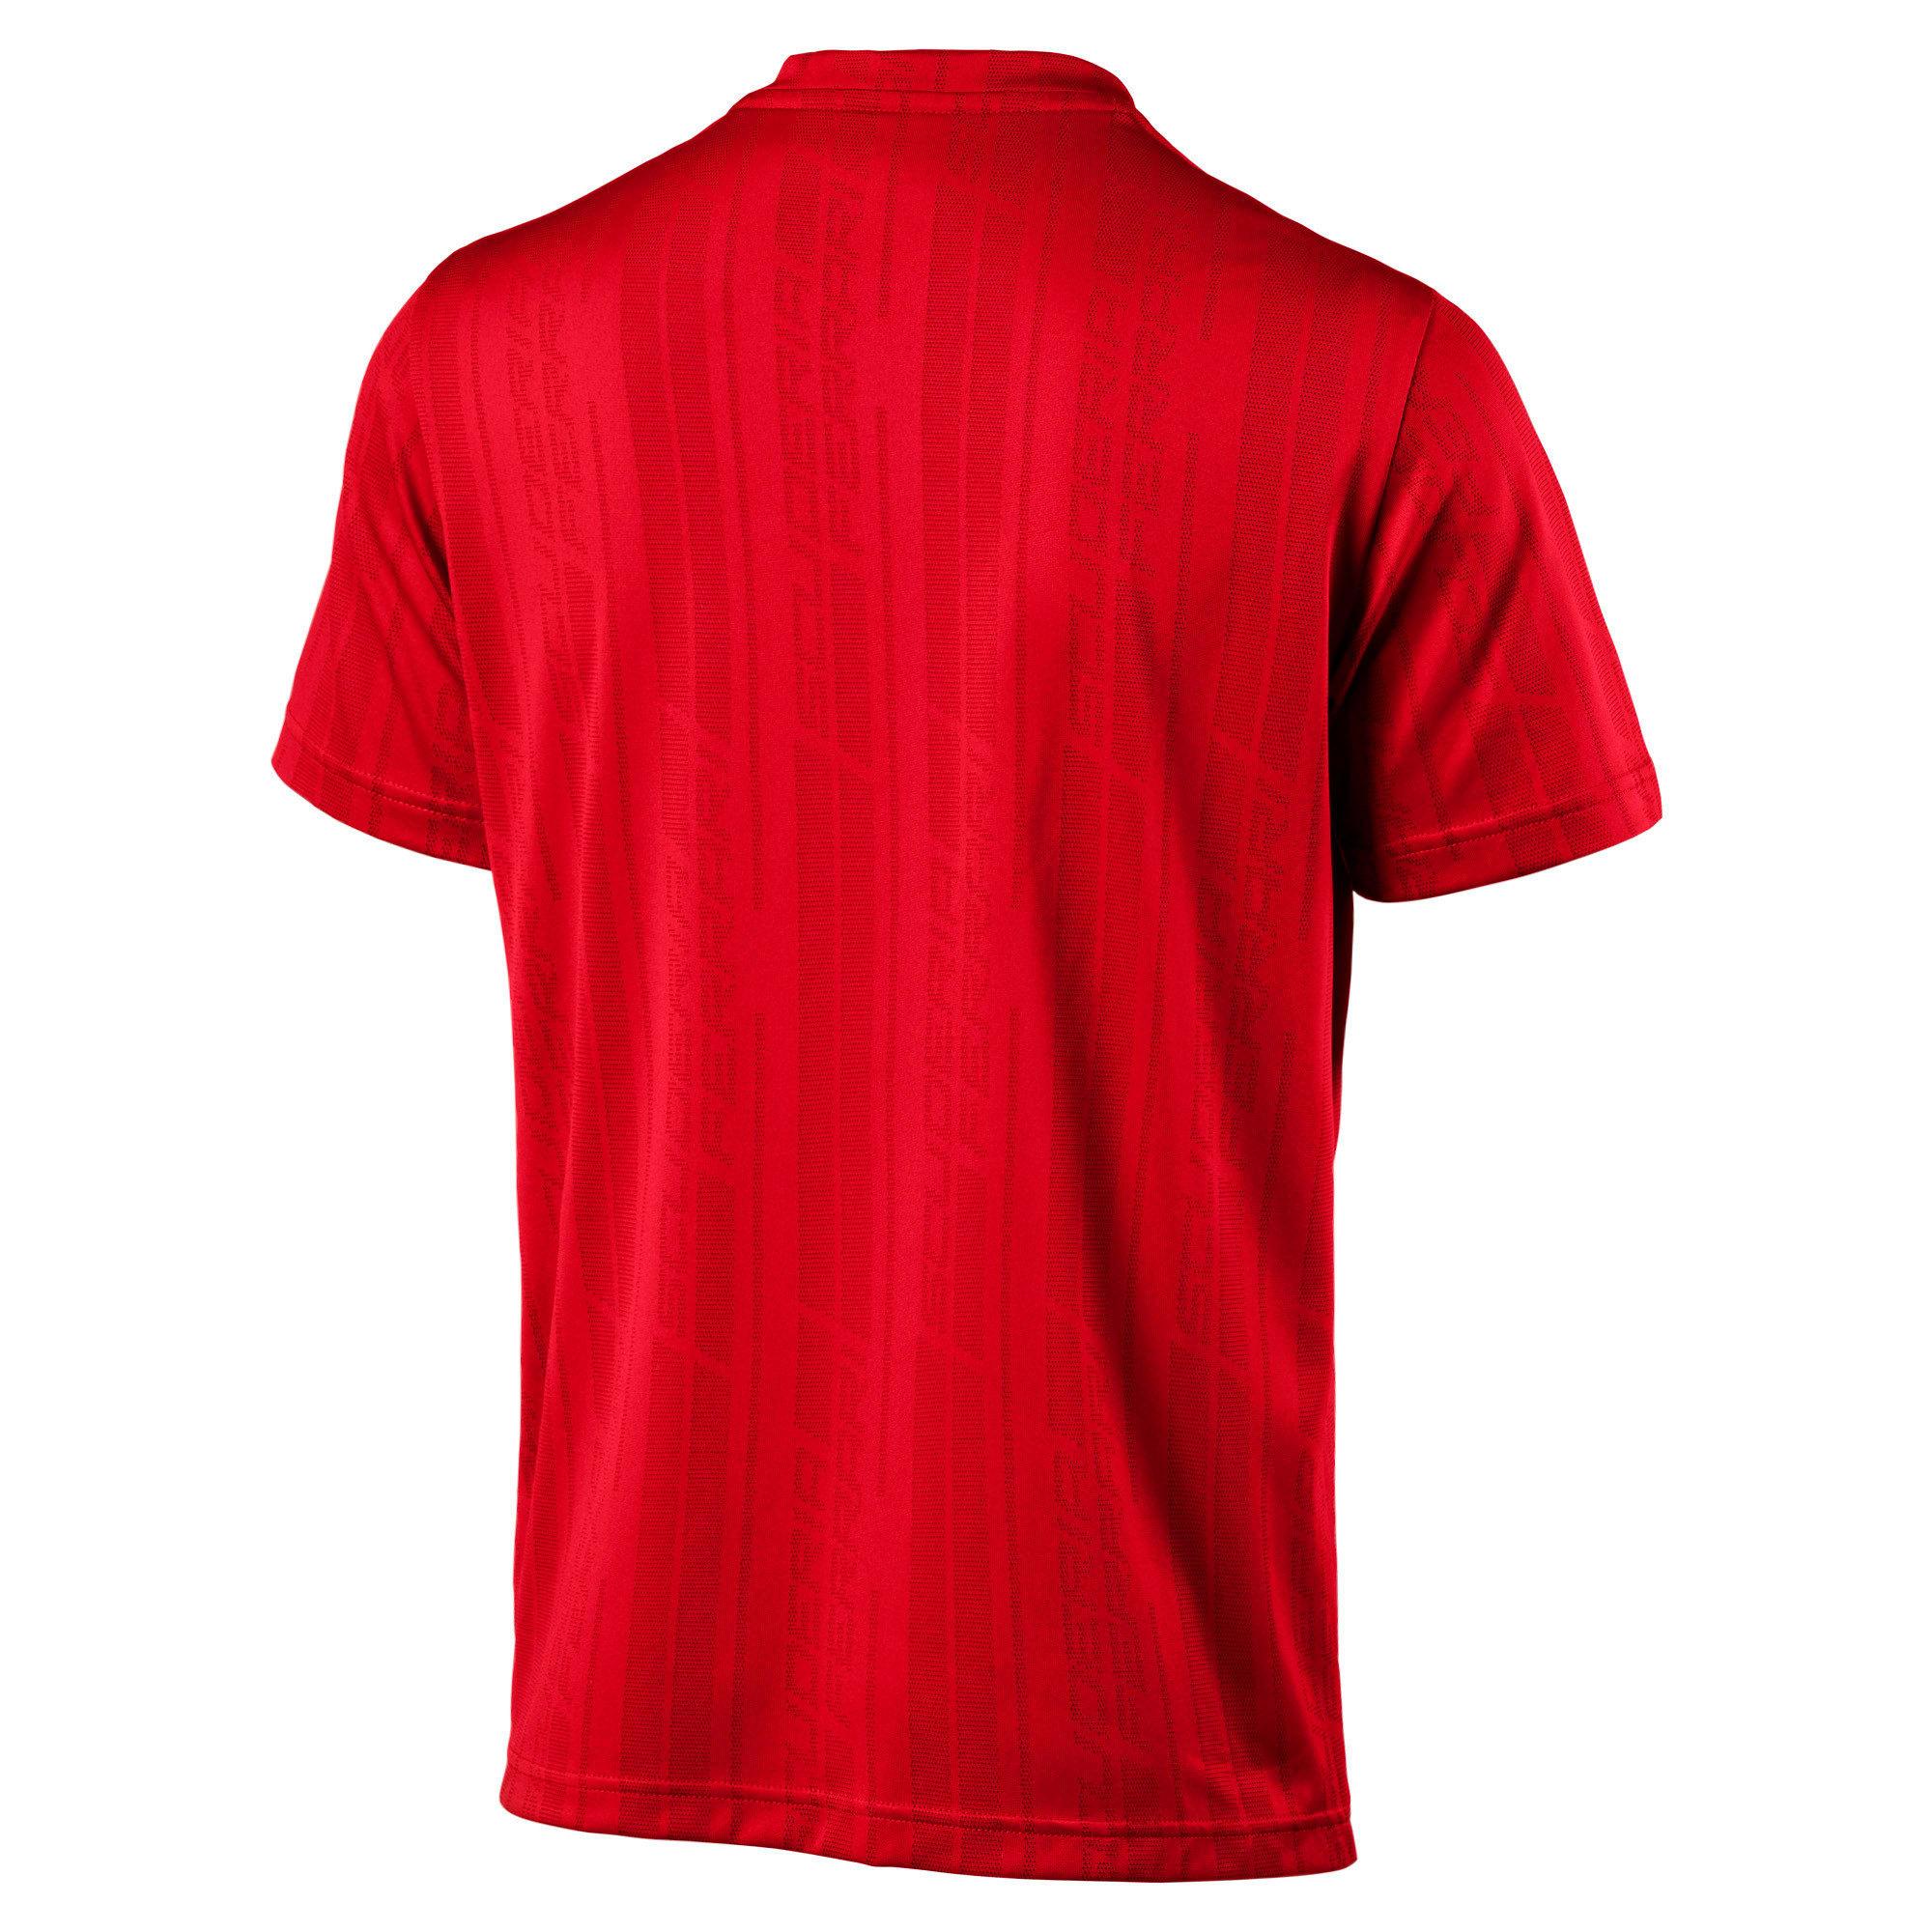 Thumbnail 4 of Ferrari Men's Jacquard T-Shirt, Rosso Corsa, medium